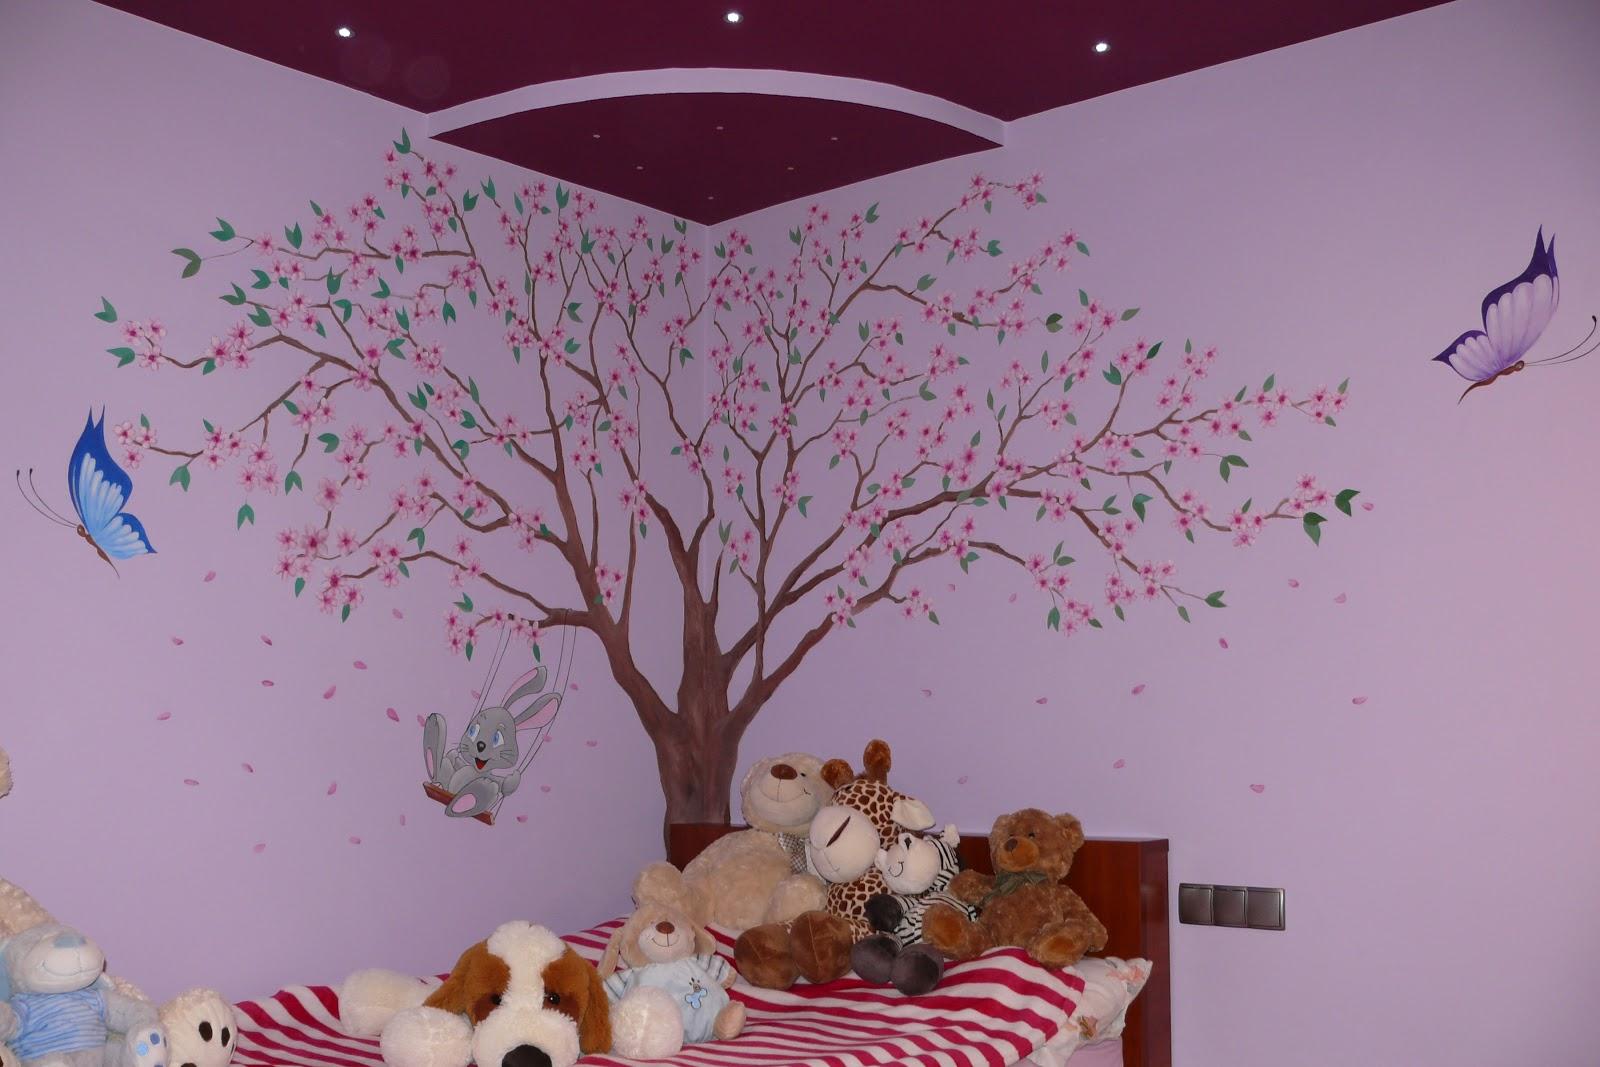 Malowanie drzewa na ścianie w pokoju dziewczynki, motylki w pokoju dziewczynki